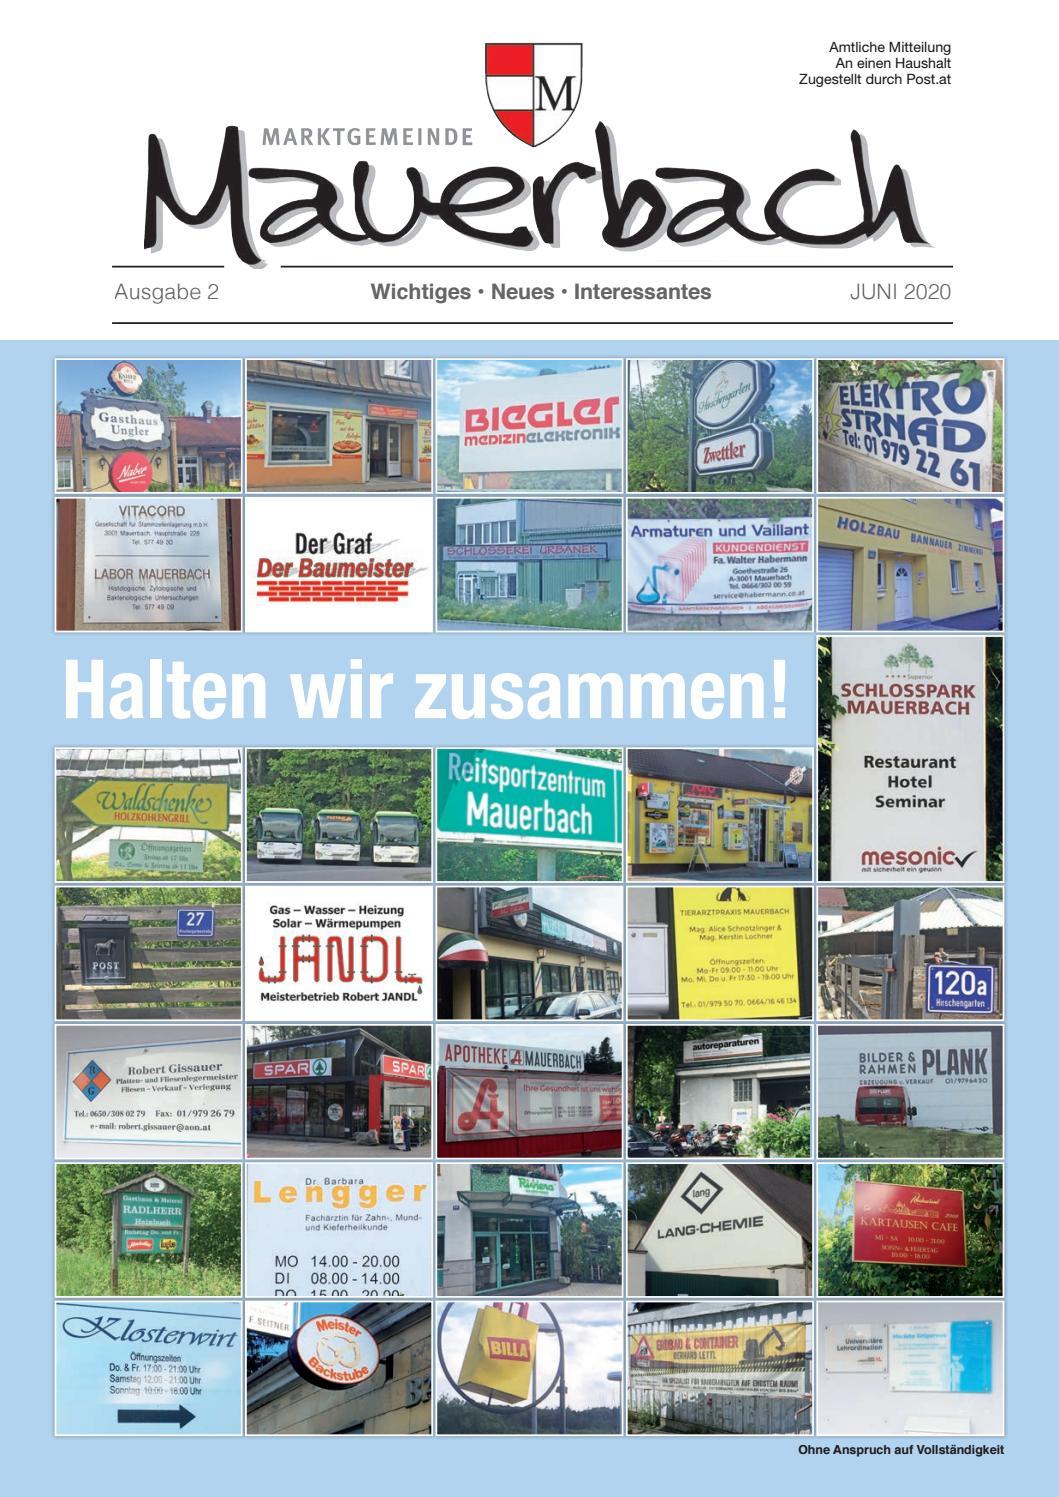 Gemeindezeitung Mauerbach 2/19 by Matthias Pilter - issuu